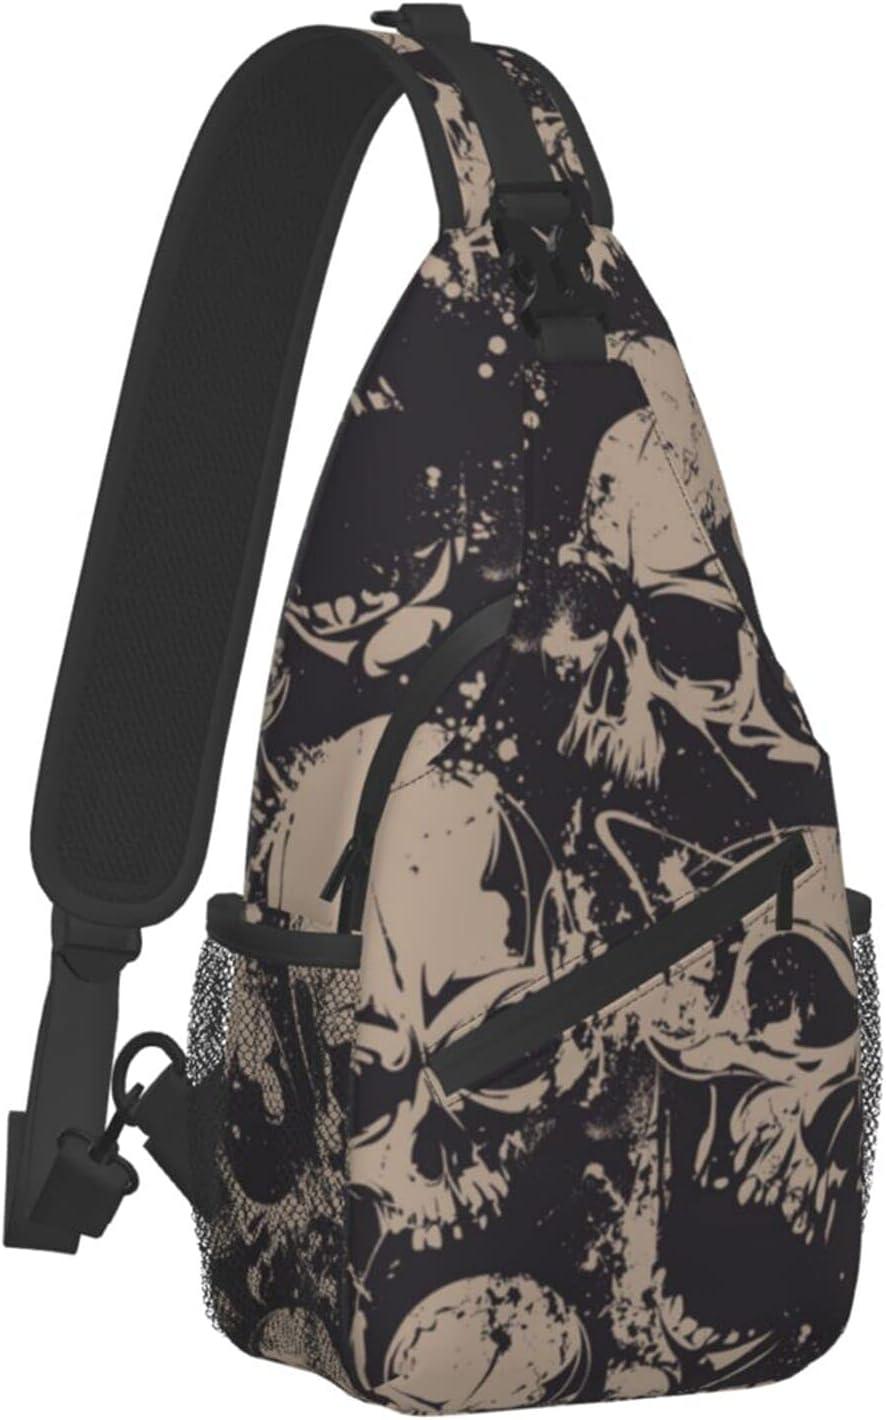 Sling Backpack Travel Hiking Daypack Skull 35% OFF Retro trust Halloween Gray